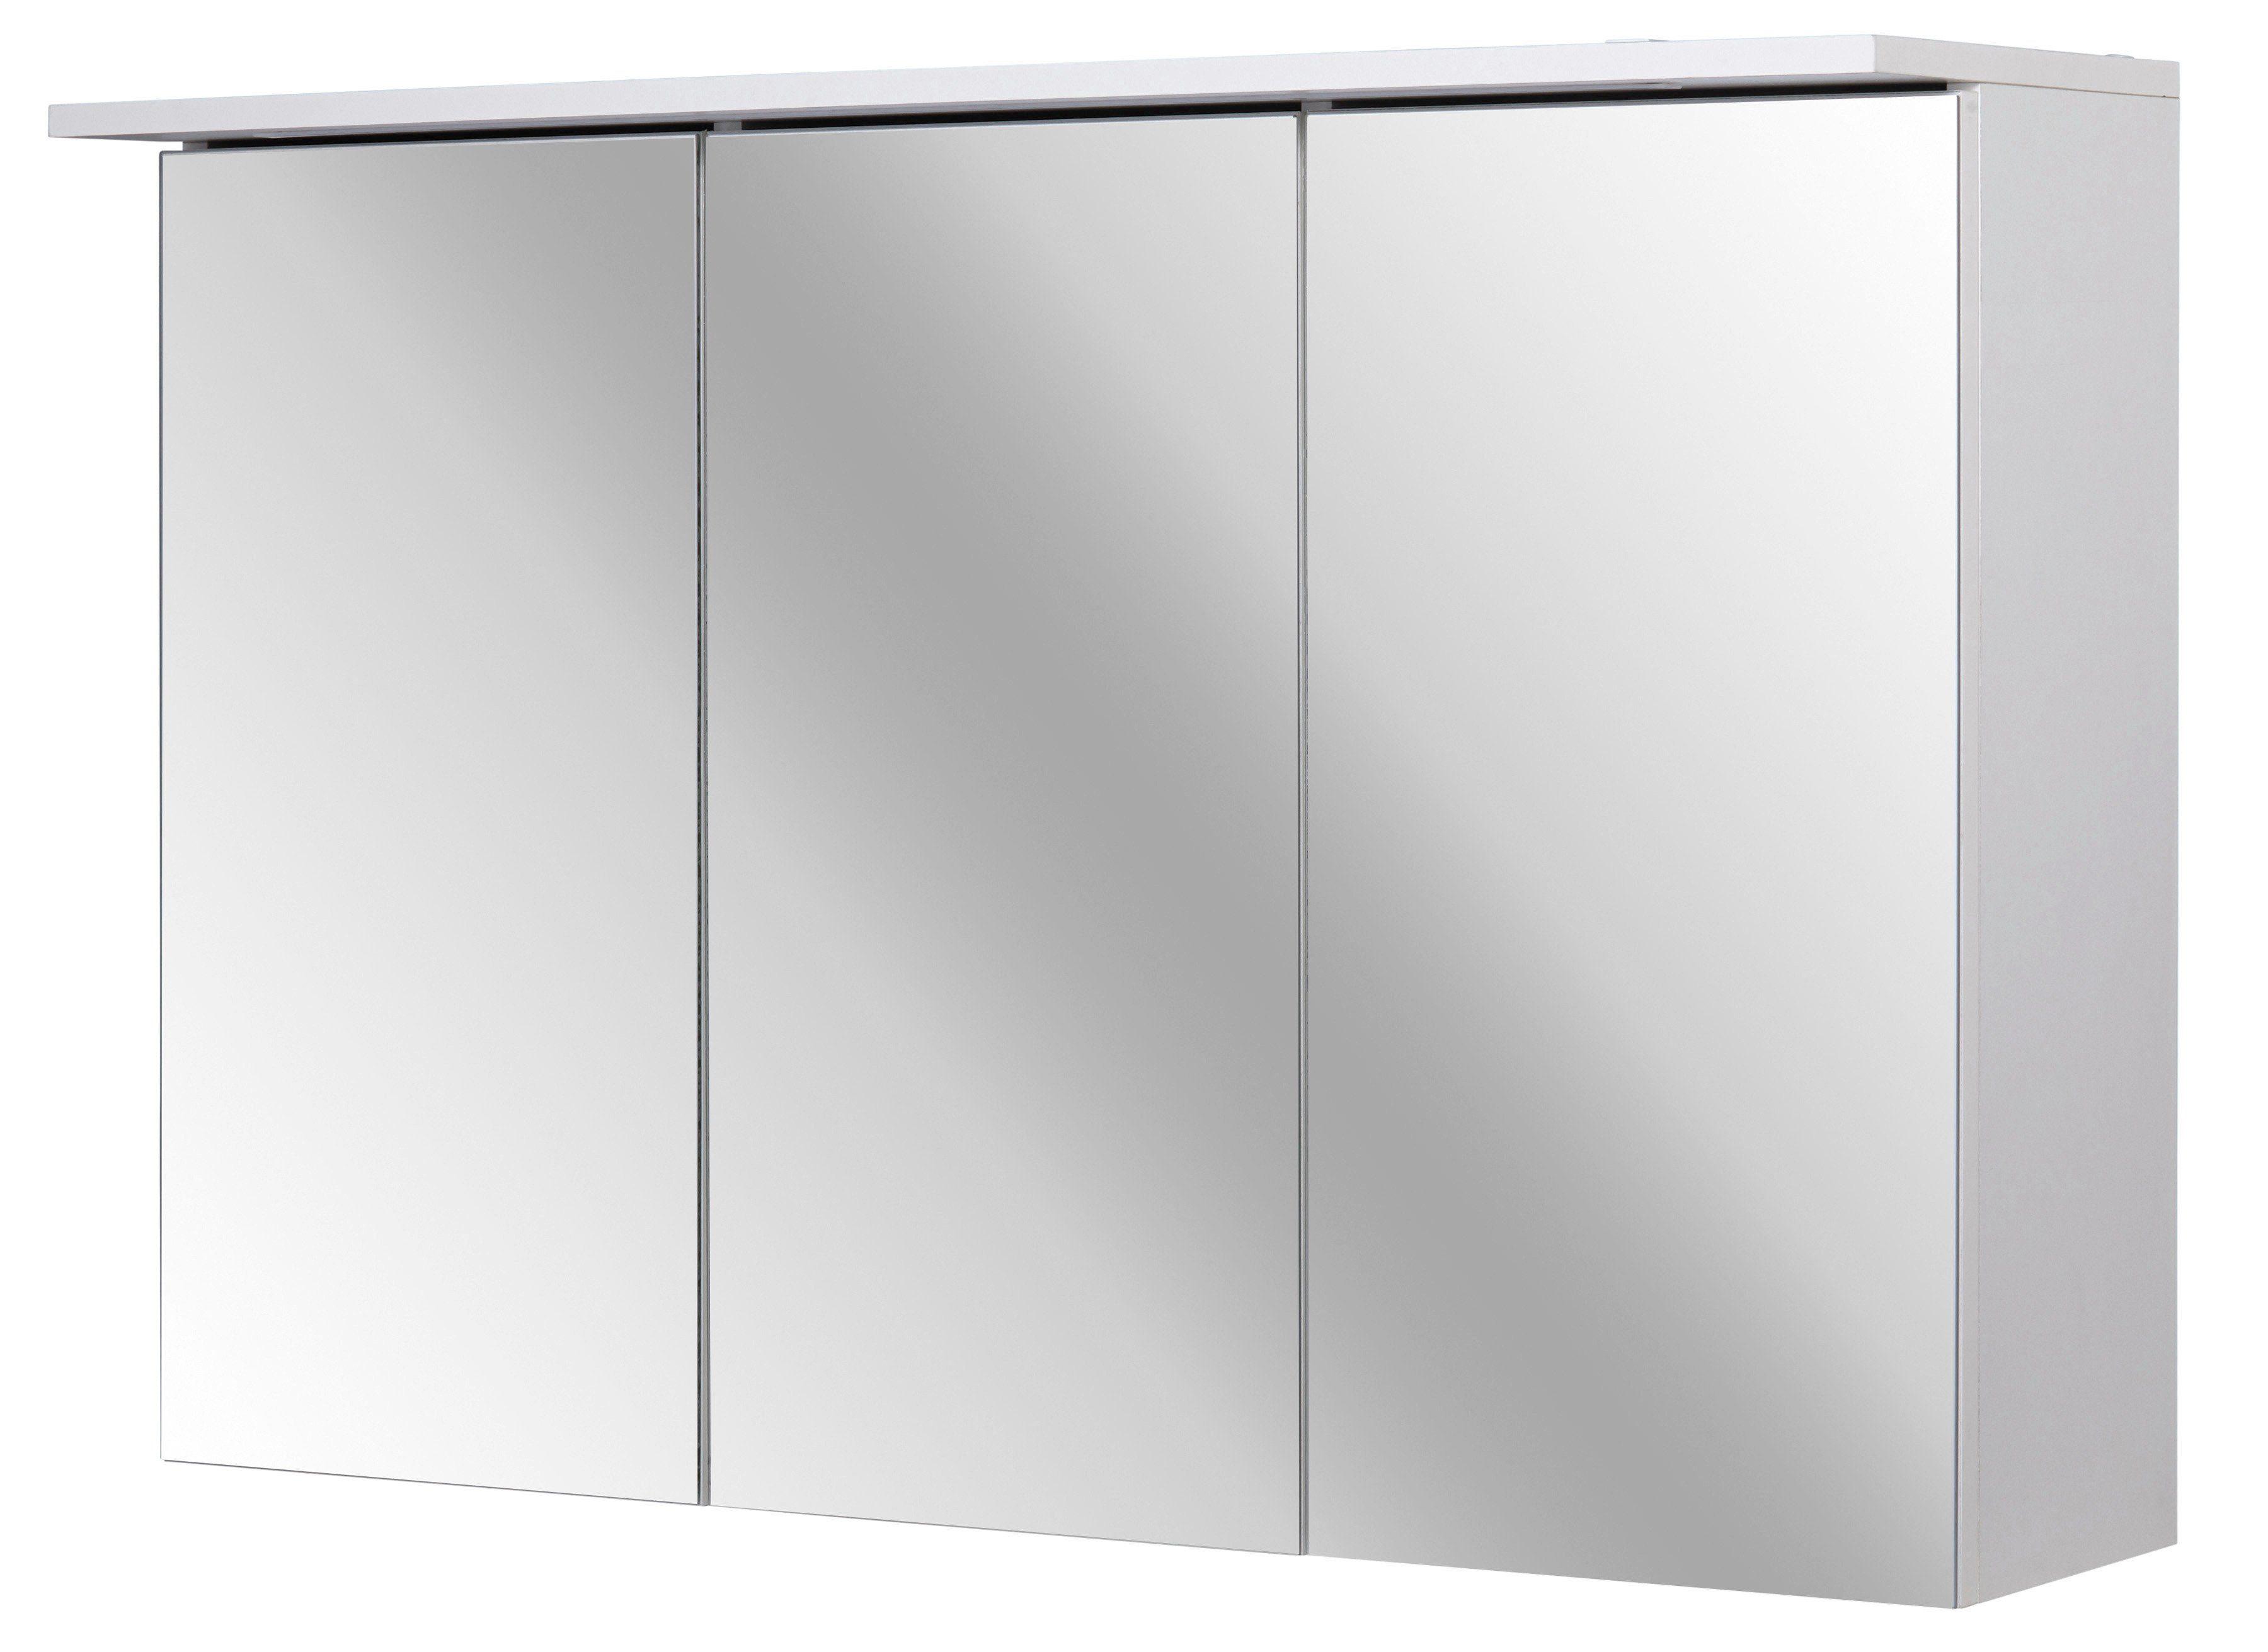 Spiegelschrank »Flex« Breite 90 cm, mit LED-Beleuchtung